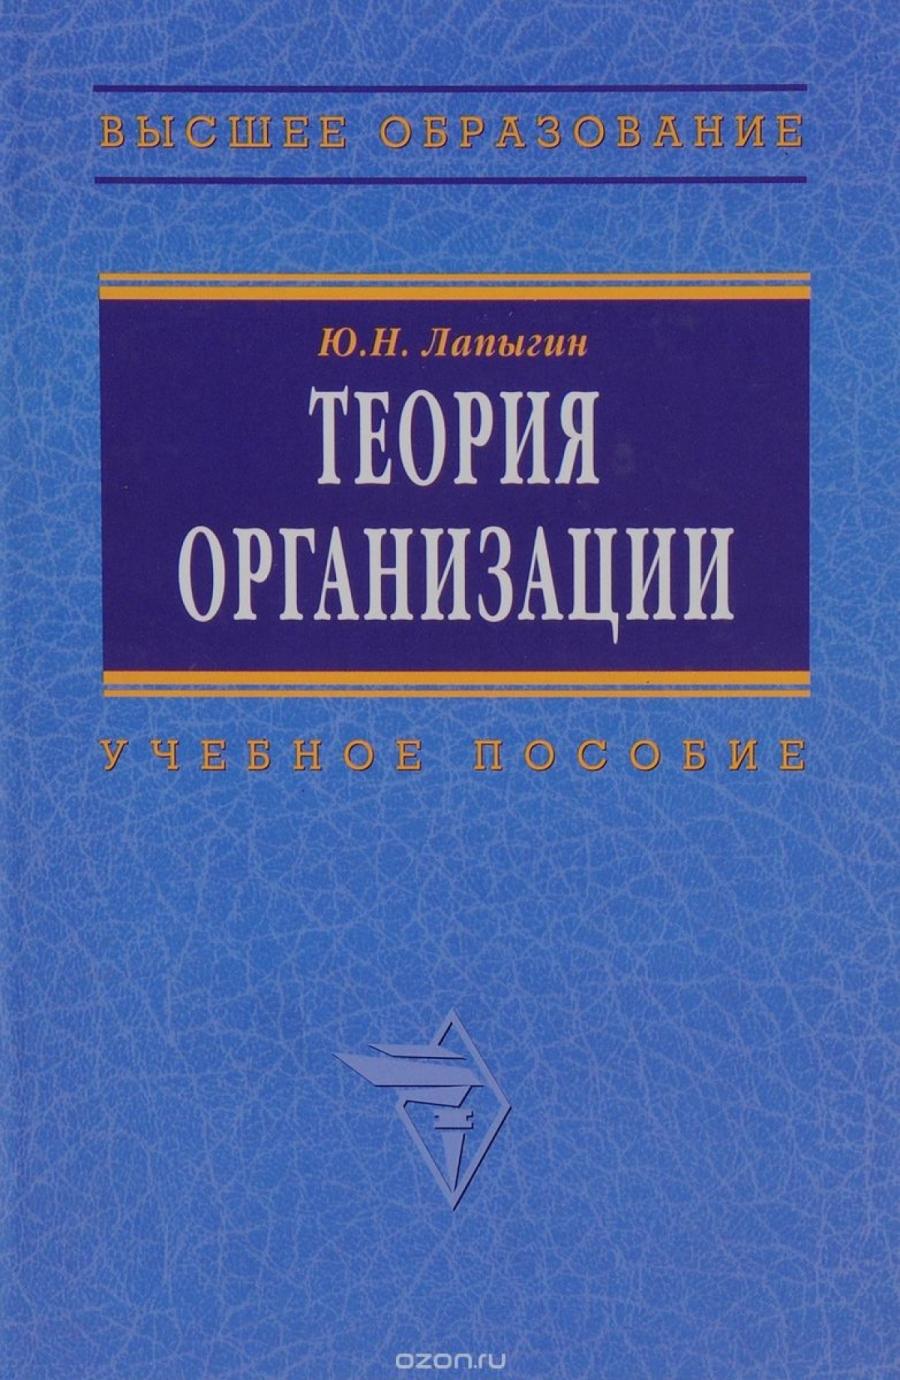 Обложка книги:  лапыгин ю.н. - теория организации. учебное пособие.